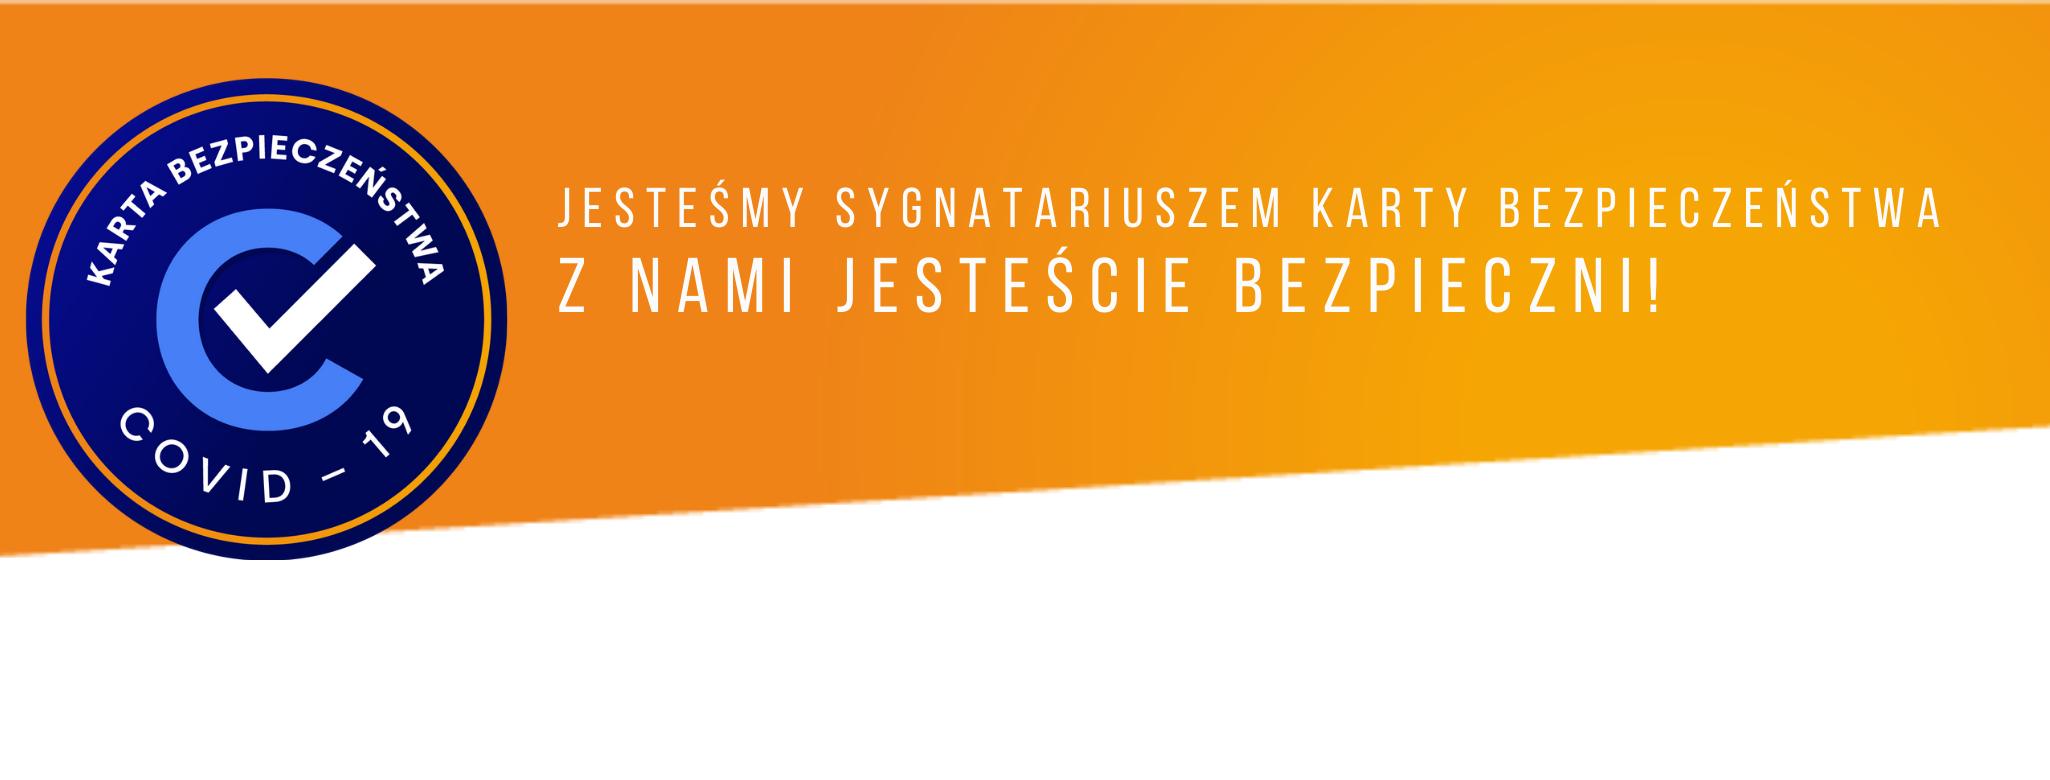 Serwis TwojaJurata.pl sygnatariuszem Karty Bezpieczeństwa COVID-19. Wyjaśniamy, co to jest Karta Bezpieczeństwa COVID-19.